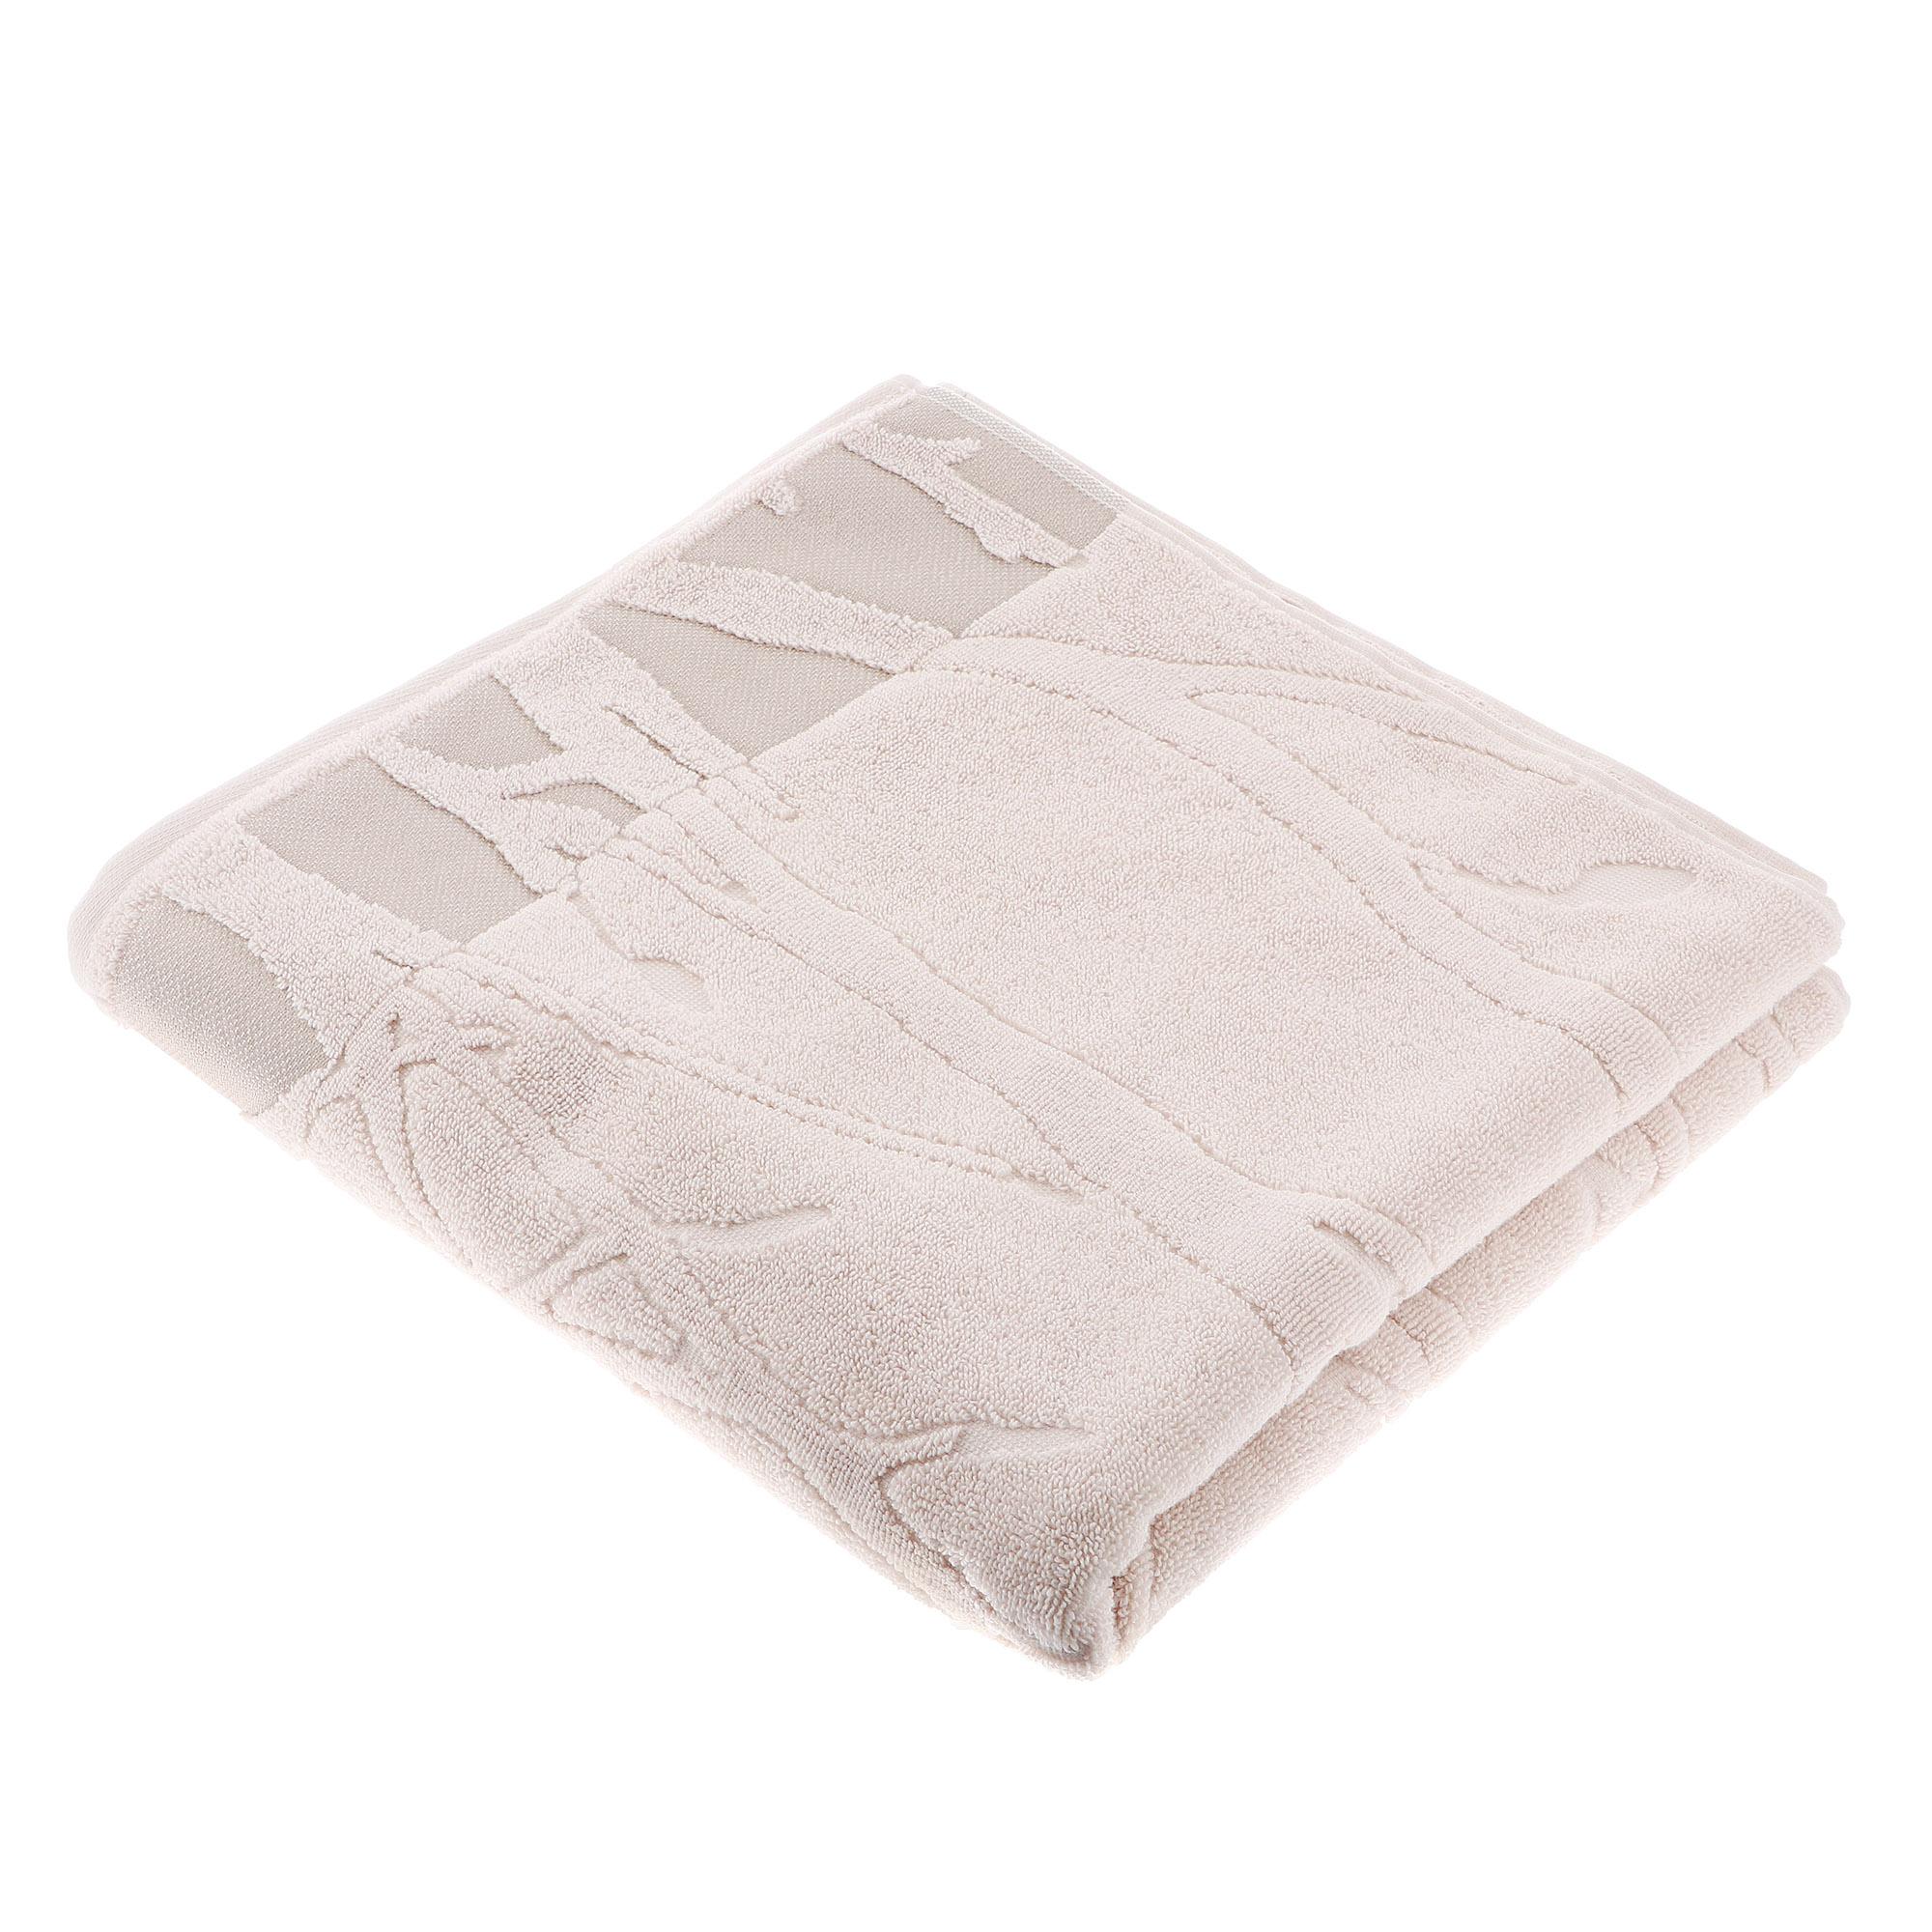 Полотенце махровое Cleanelly пиоппо 70х140 гладкокрашенное молочный